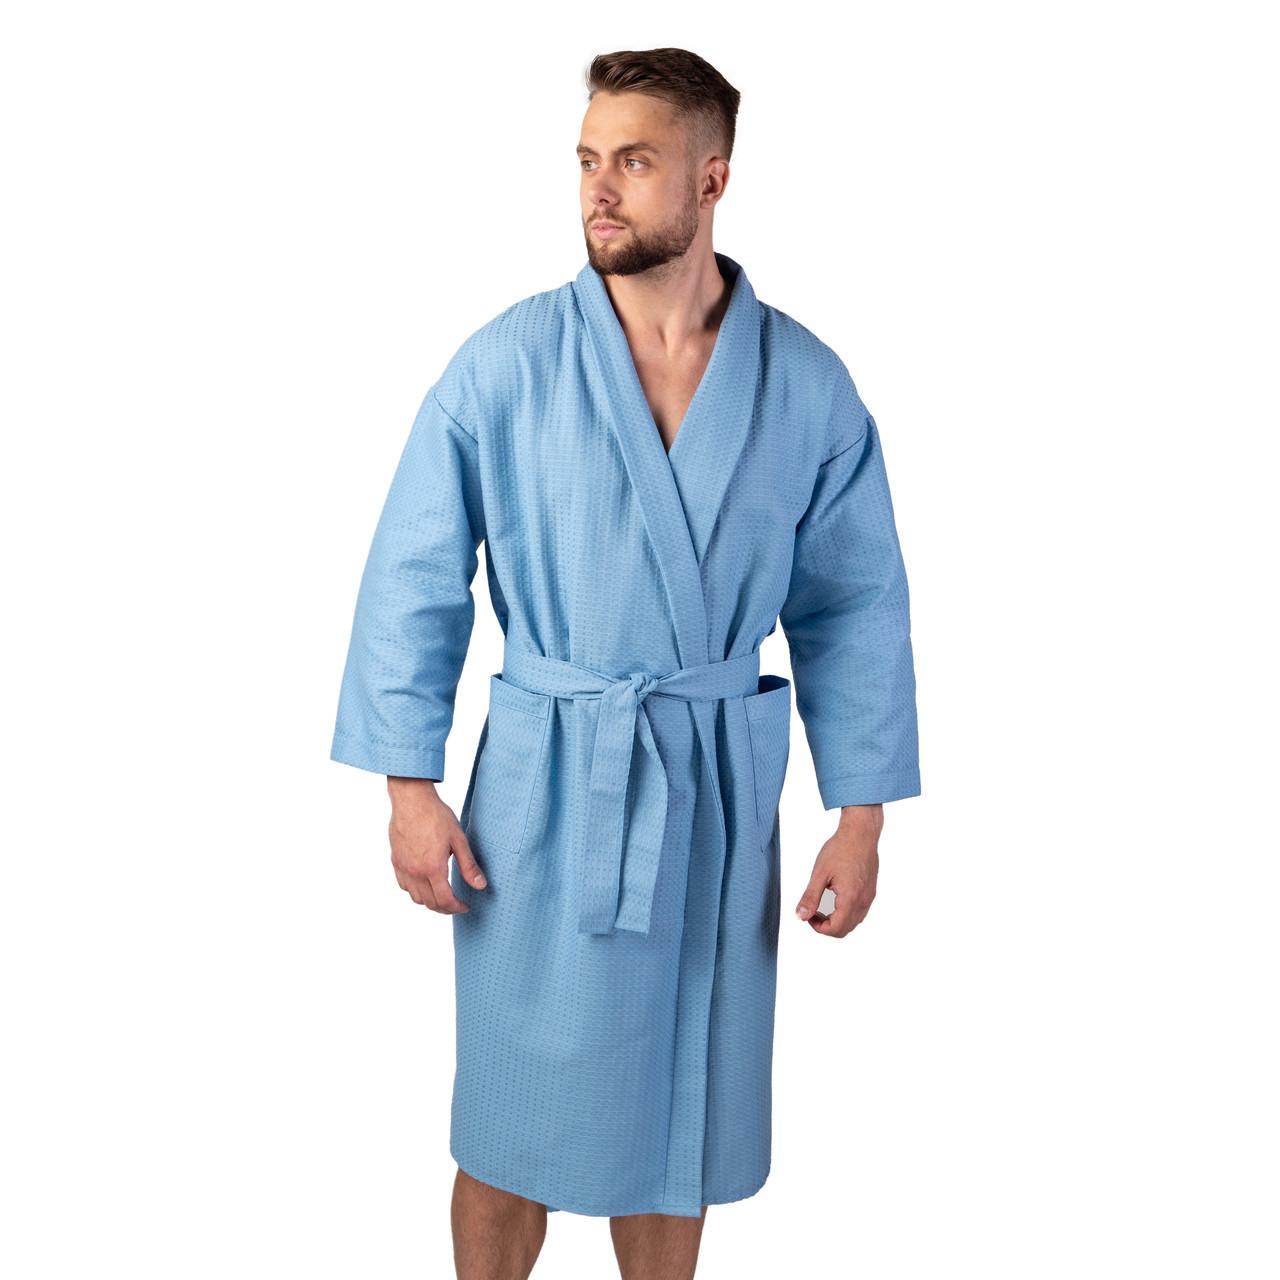 Вафельный халат мужской на запах Кимоно, синий